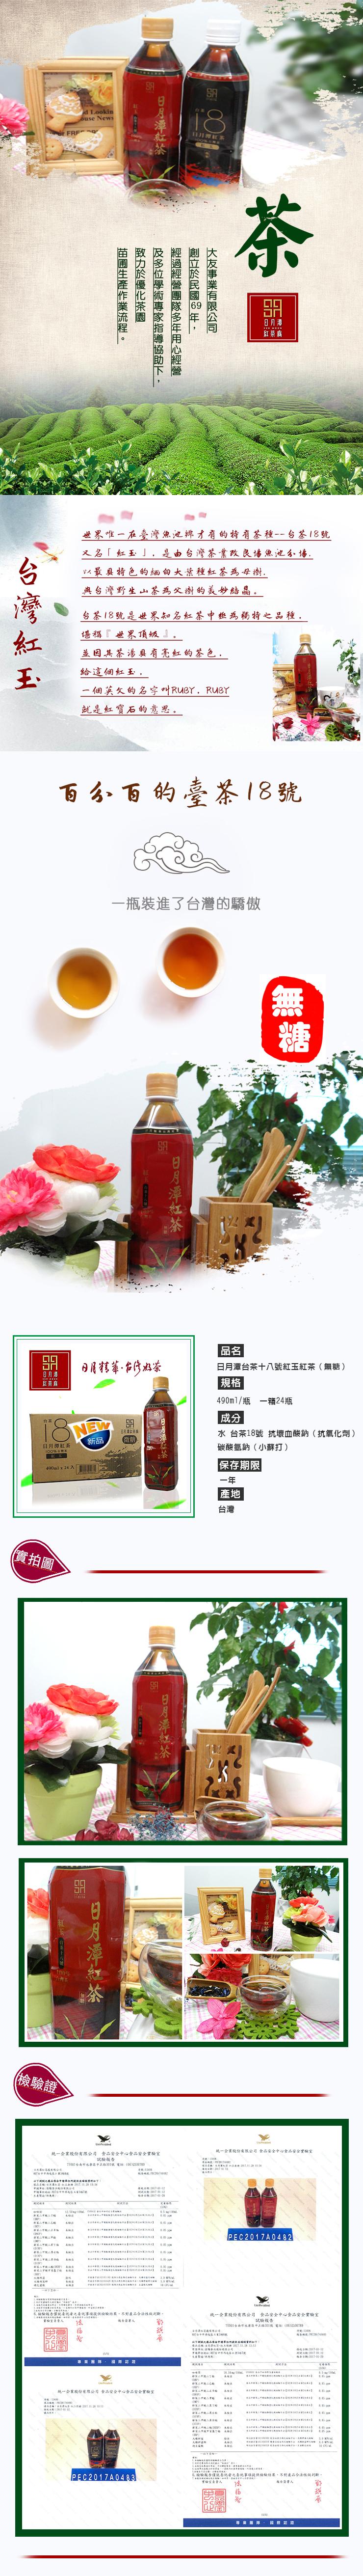 日月潭紅茶 - 台茶18號 - 紅玉紅茶(無糖)